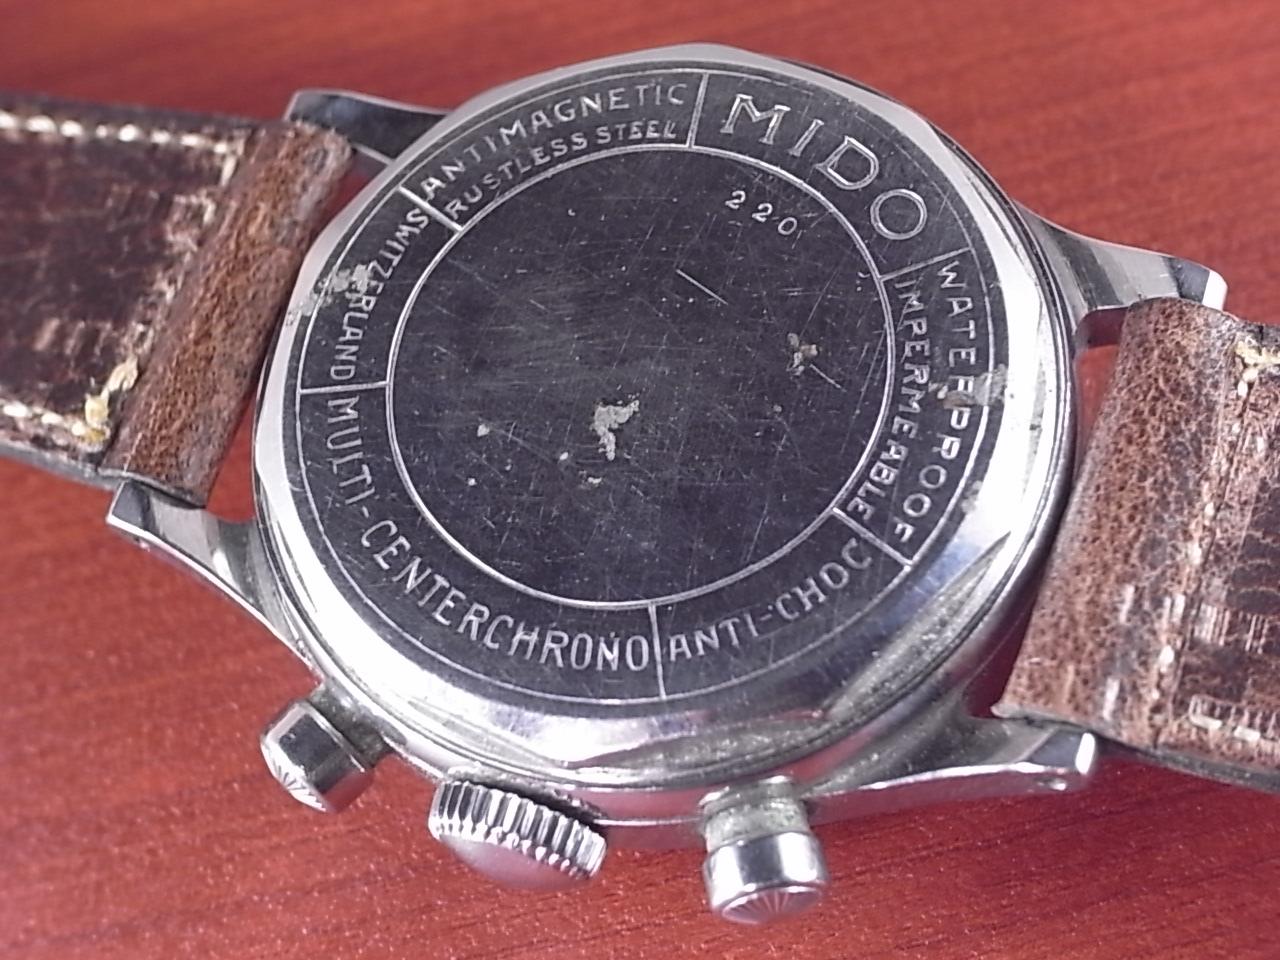 ミドー マルチセンタークロノ ブラックダイアル シースルーバック付き 1950年代の写真4枚目